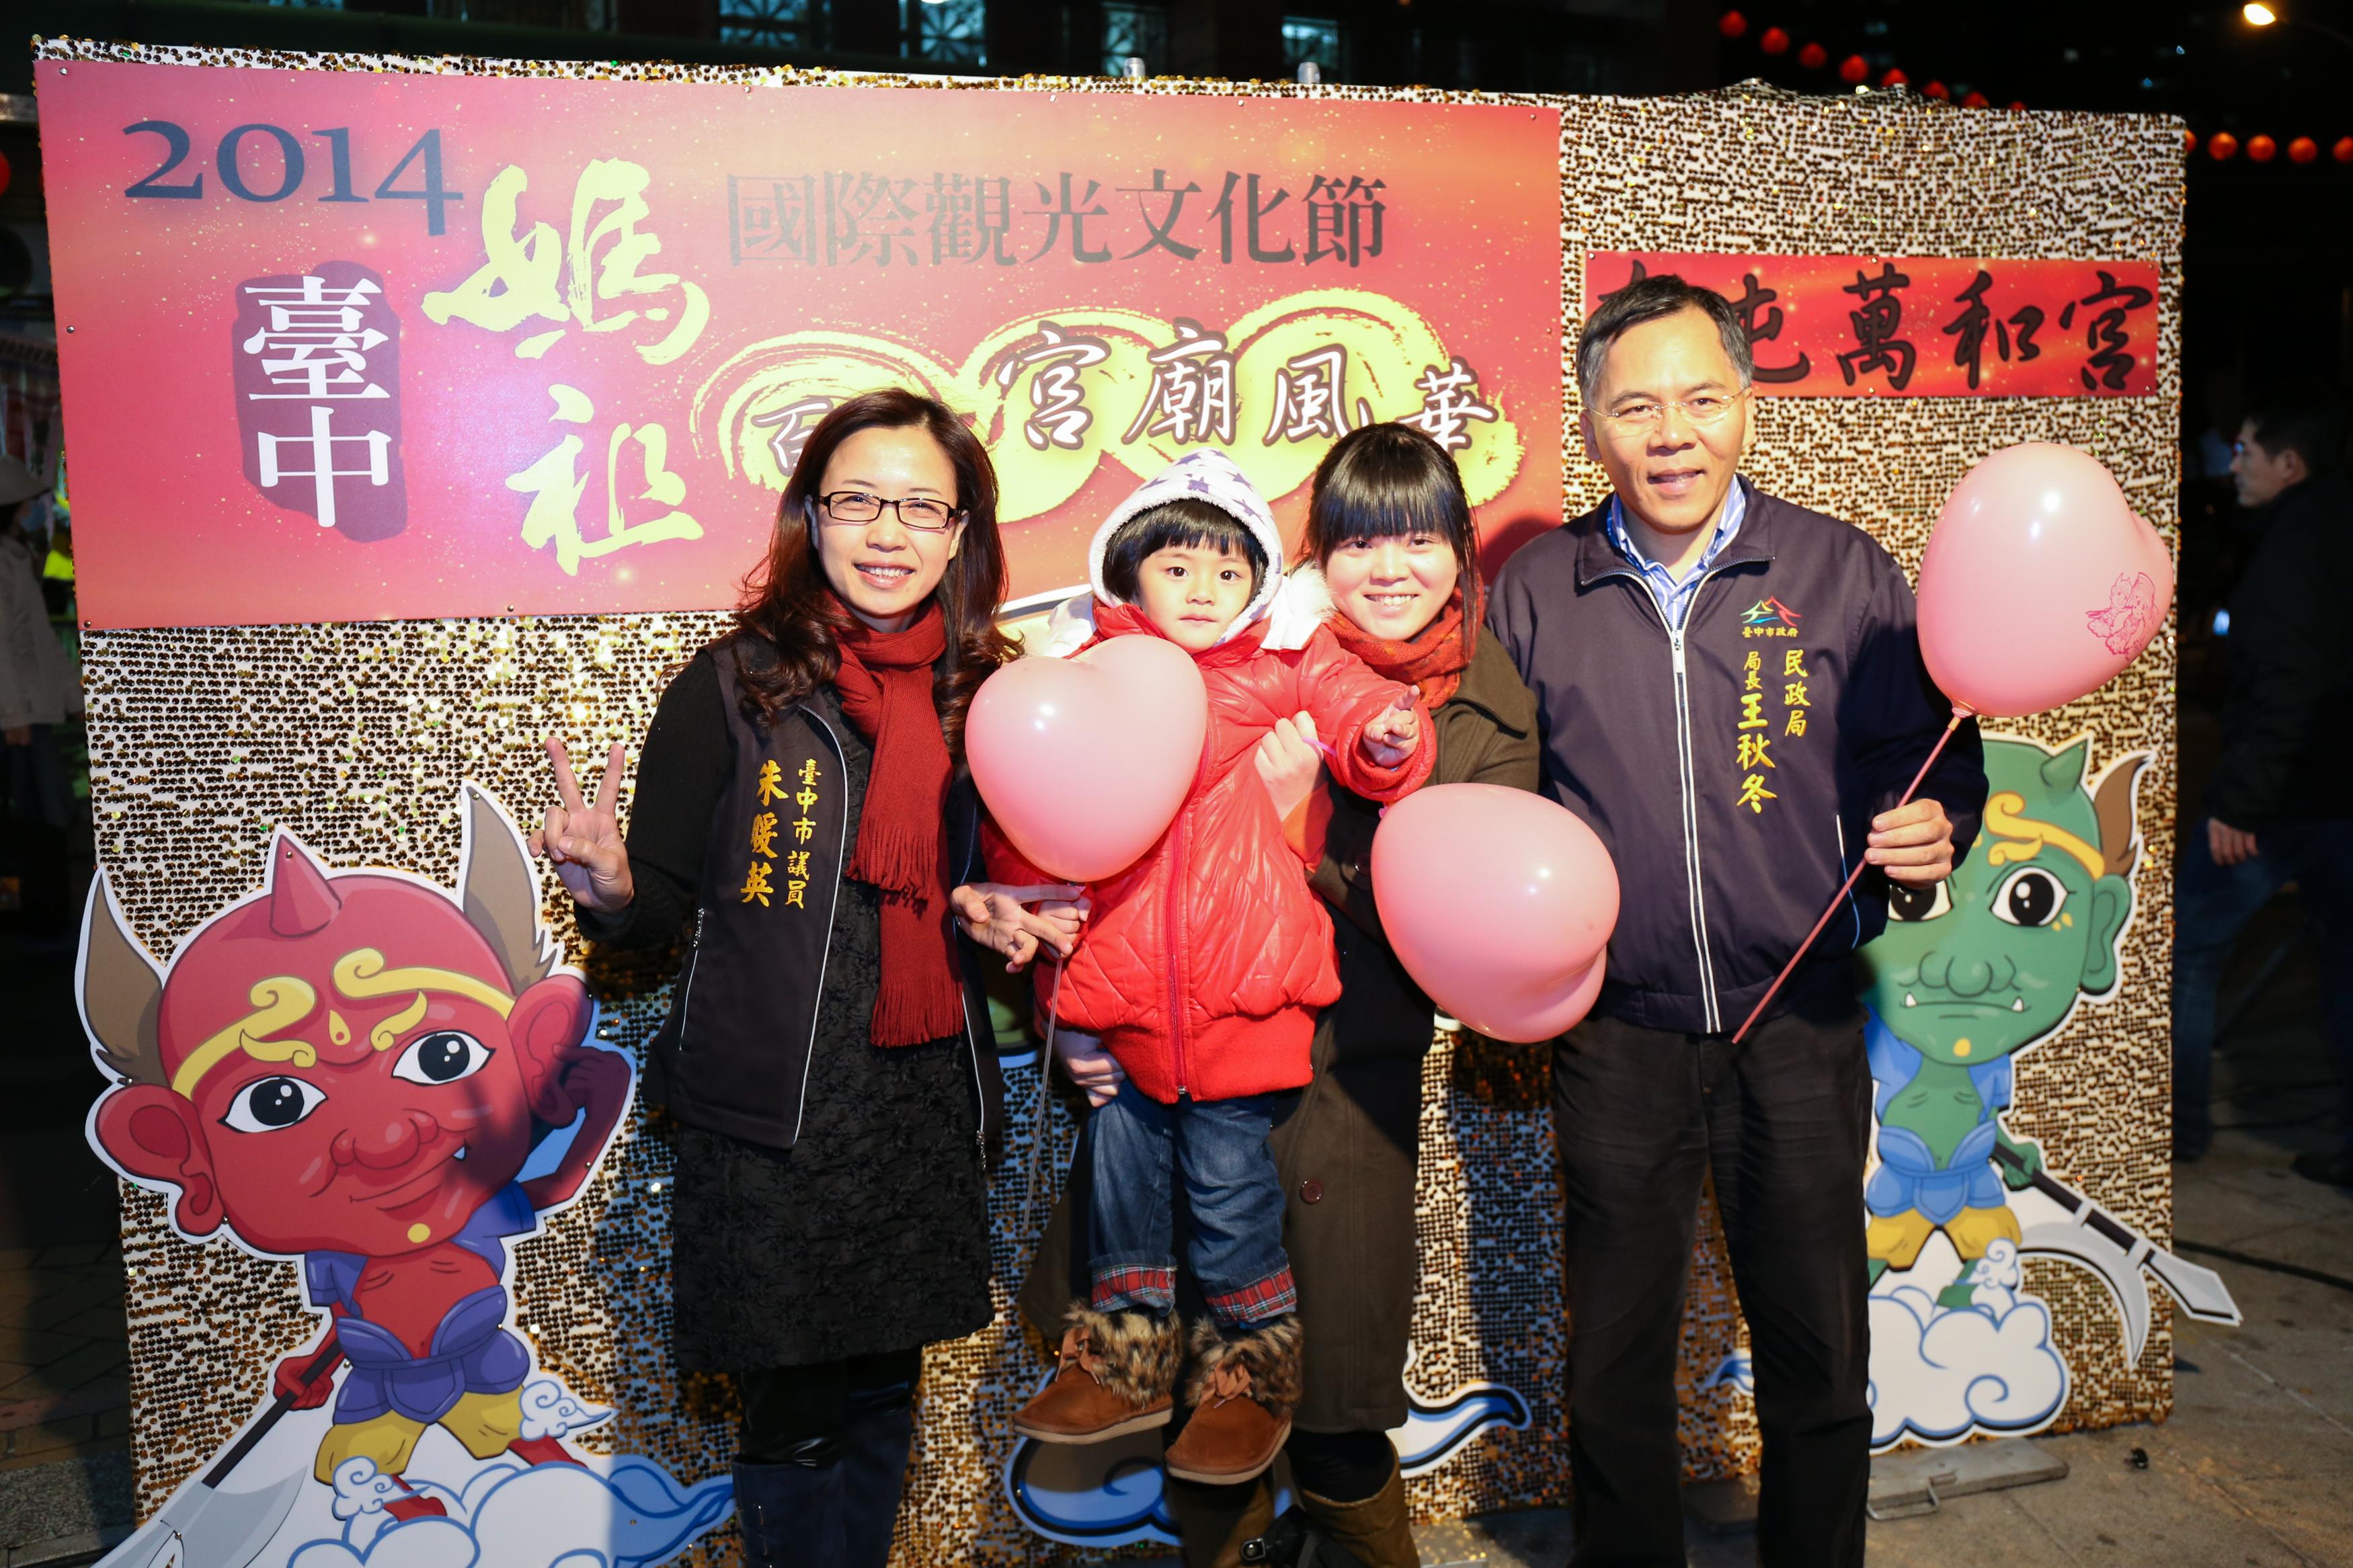 台中媽祖國際觀光文化節在萬和宮,台中婚錄推薦4